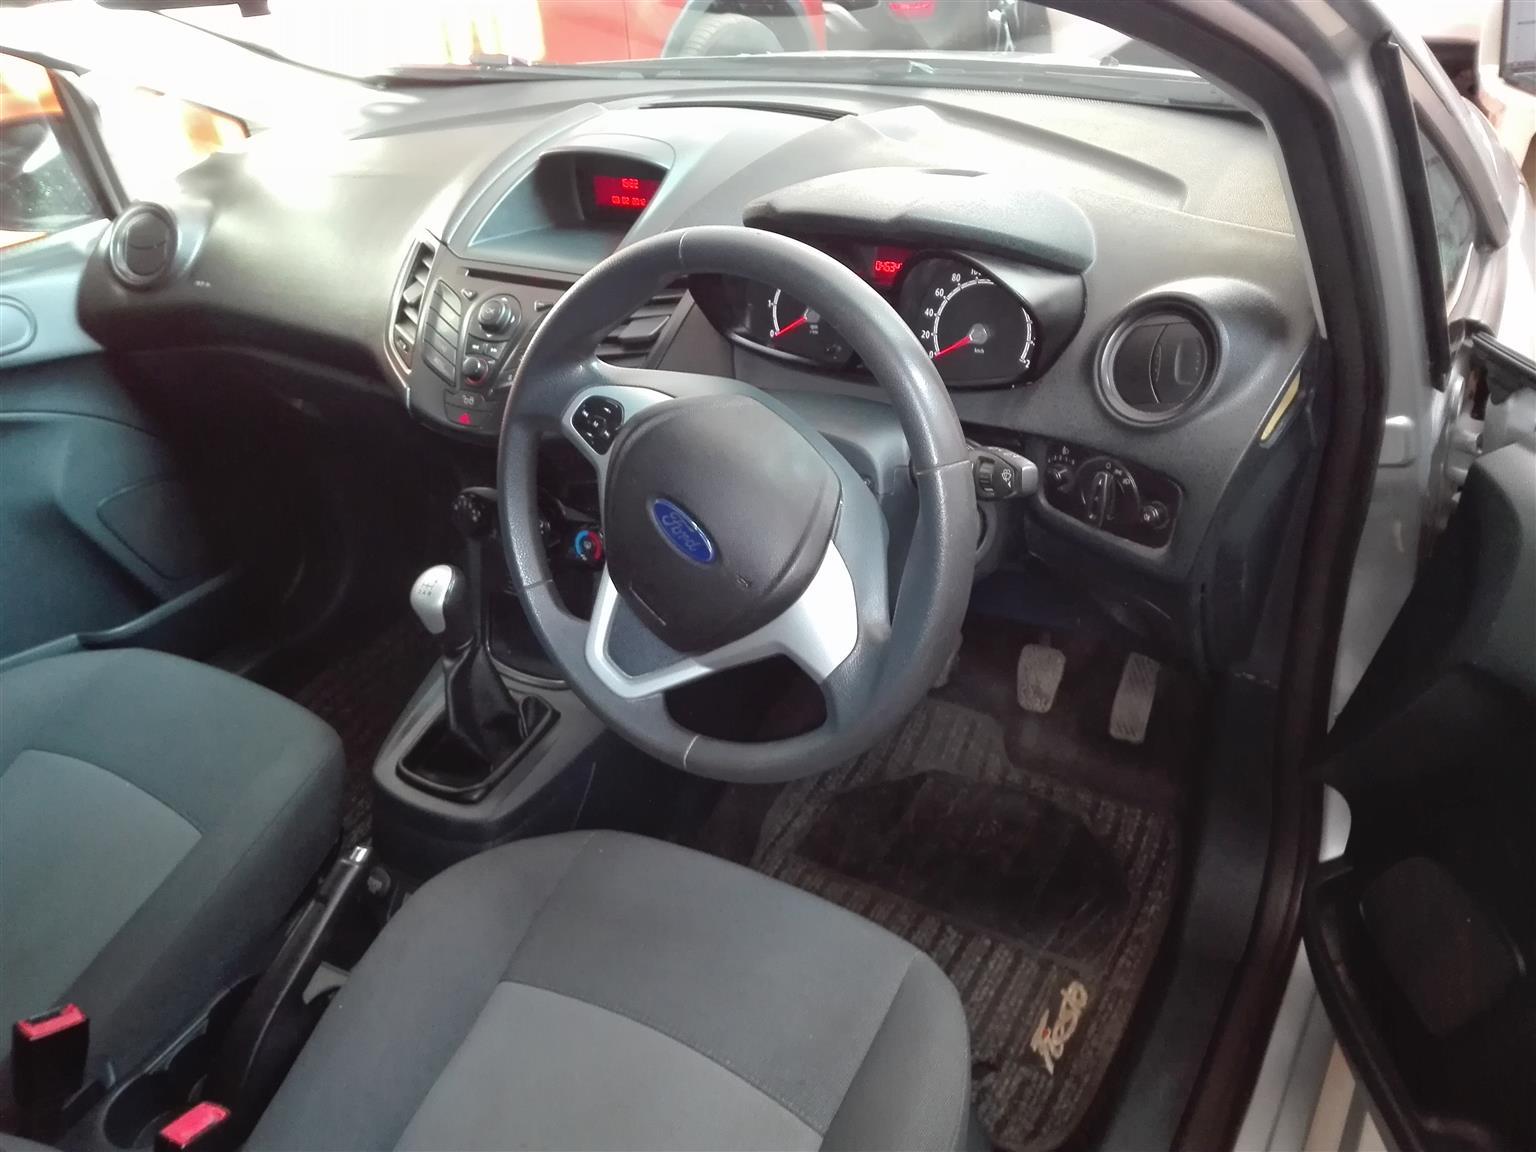 2013 Ford Fiesta 1.4 5 door Trend